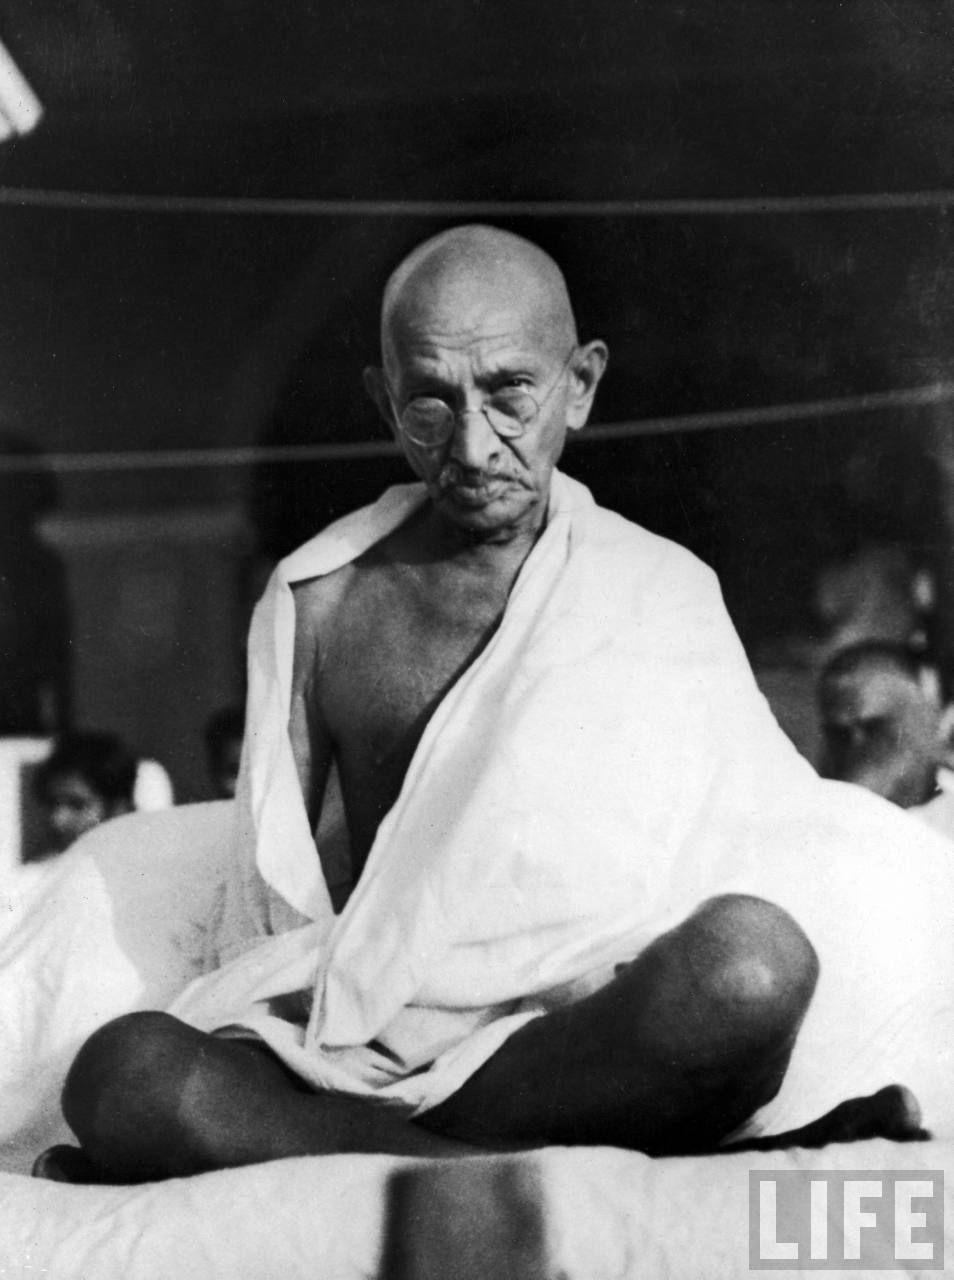 005 gandhi with a nice dark background Gandhi Mahatma